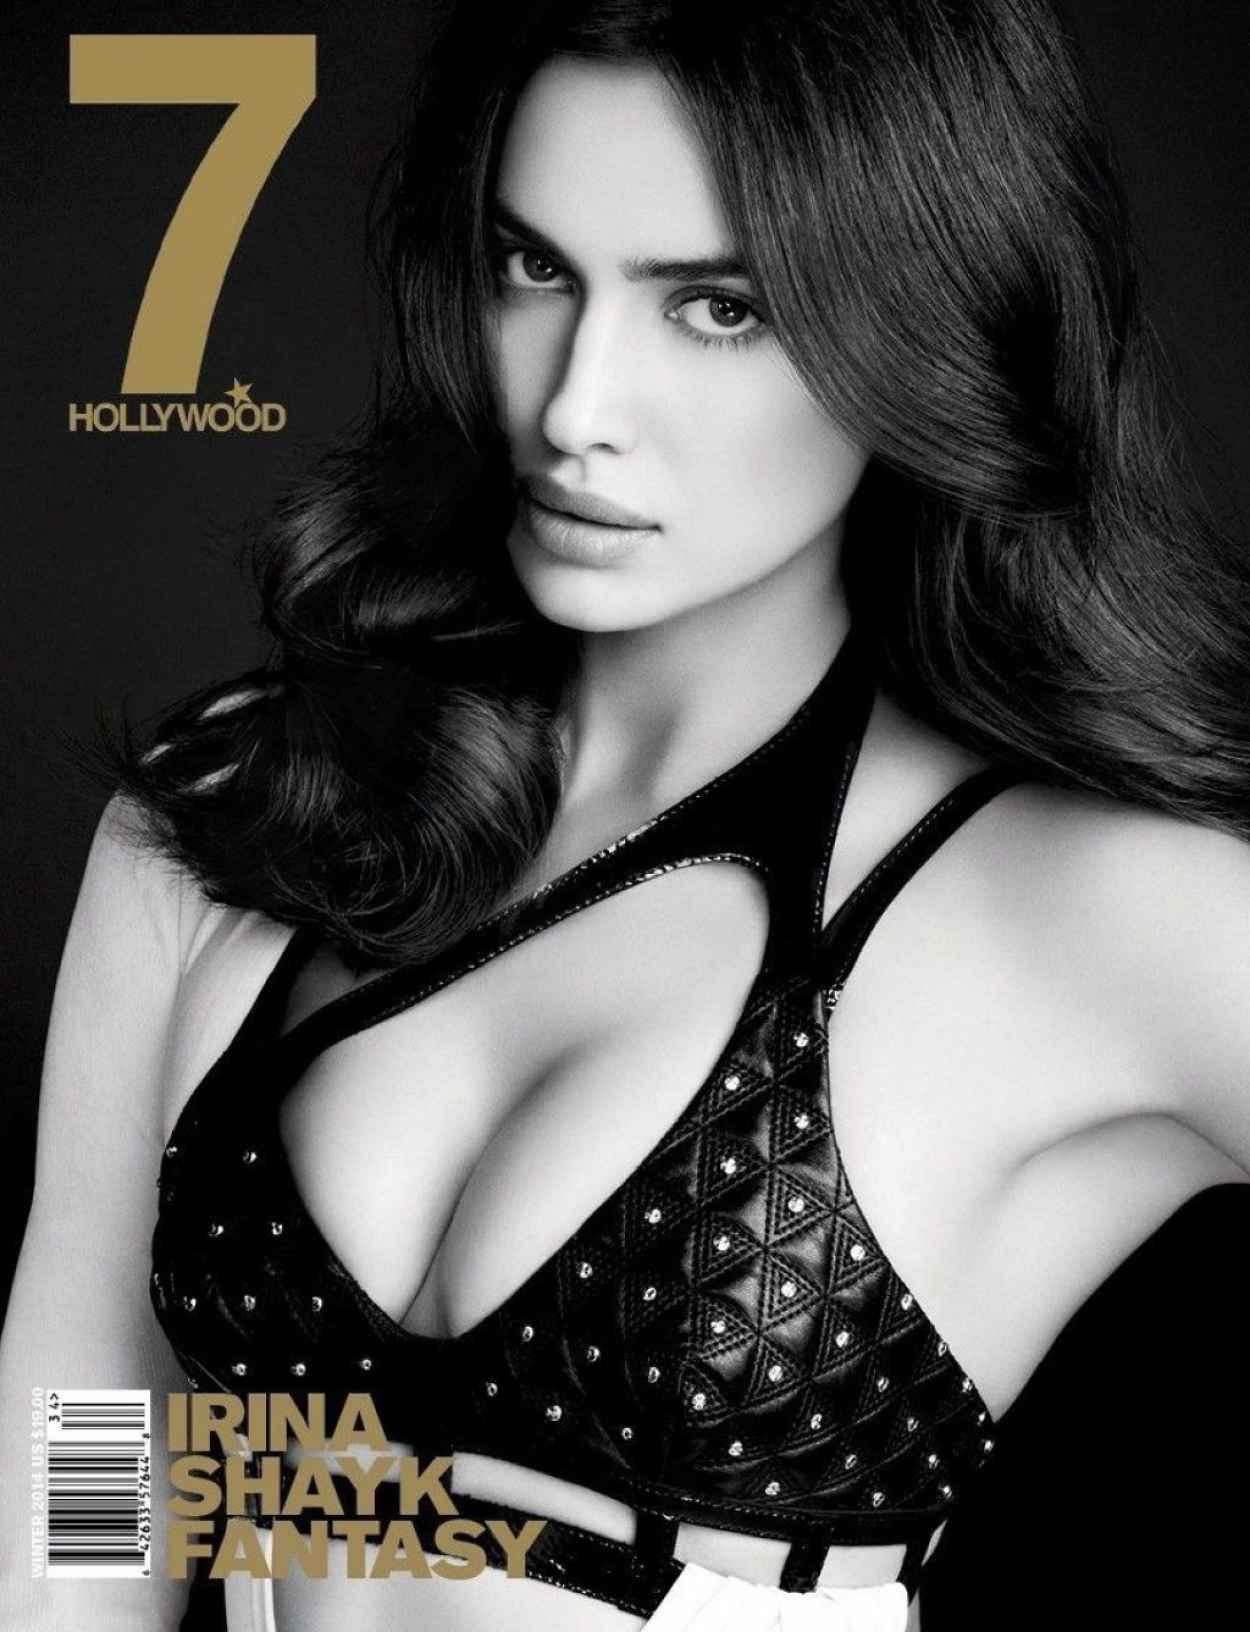 Irina Shayk - 7 HOLLYWOOD Magazine Photoshoot-1